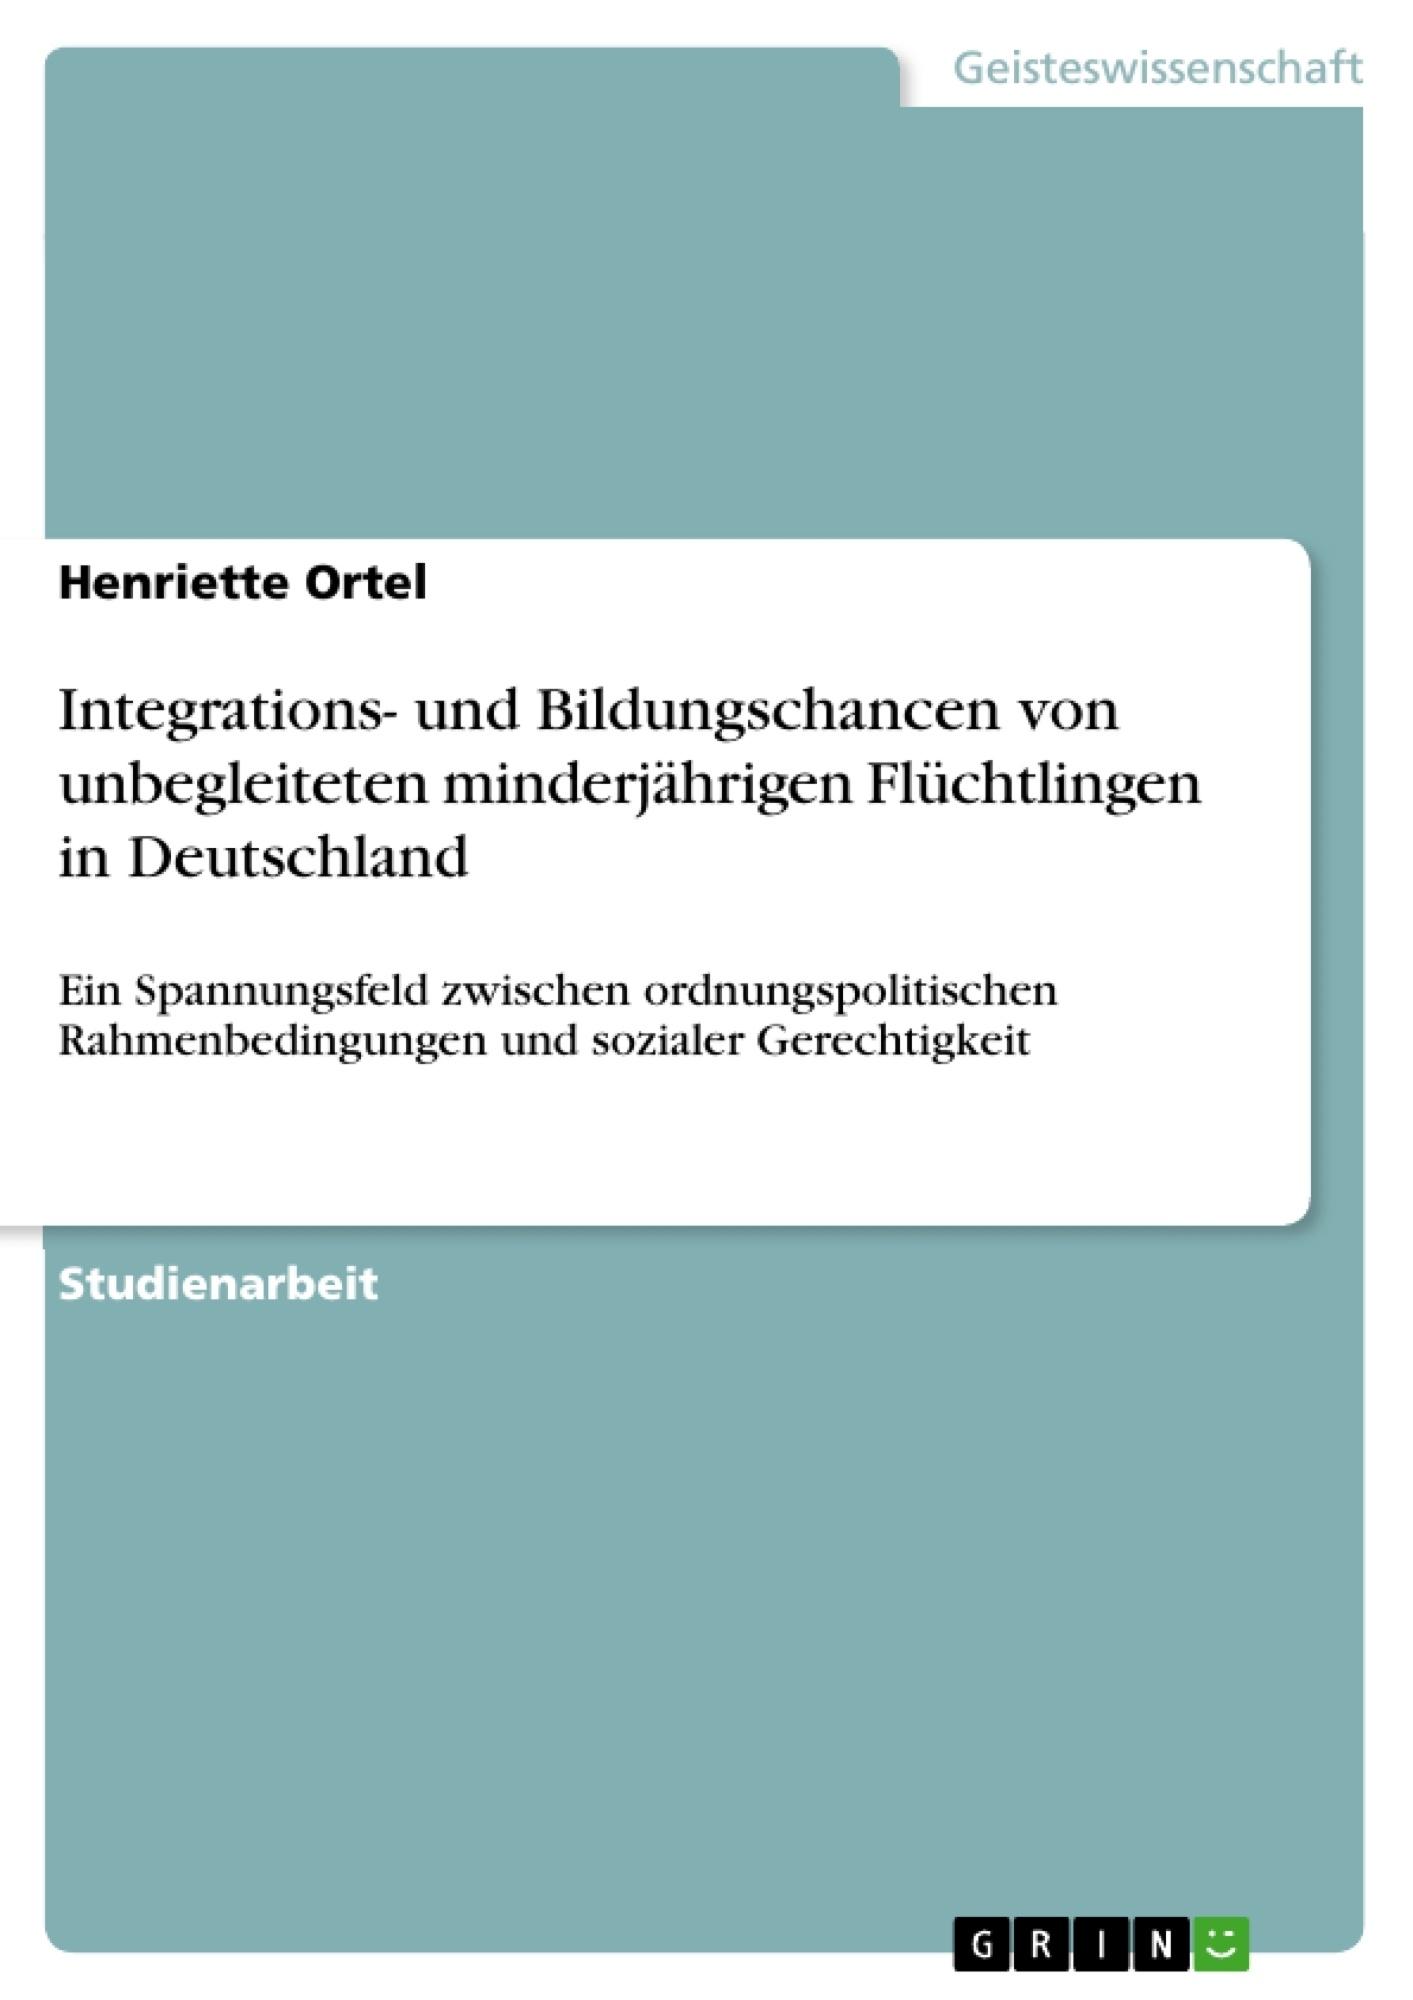 Titel: Integrations- und Bildungschancen von unbegleiteten minderjährigen Flüchtlingen in Deutschland